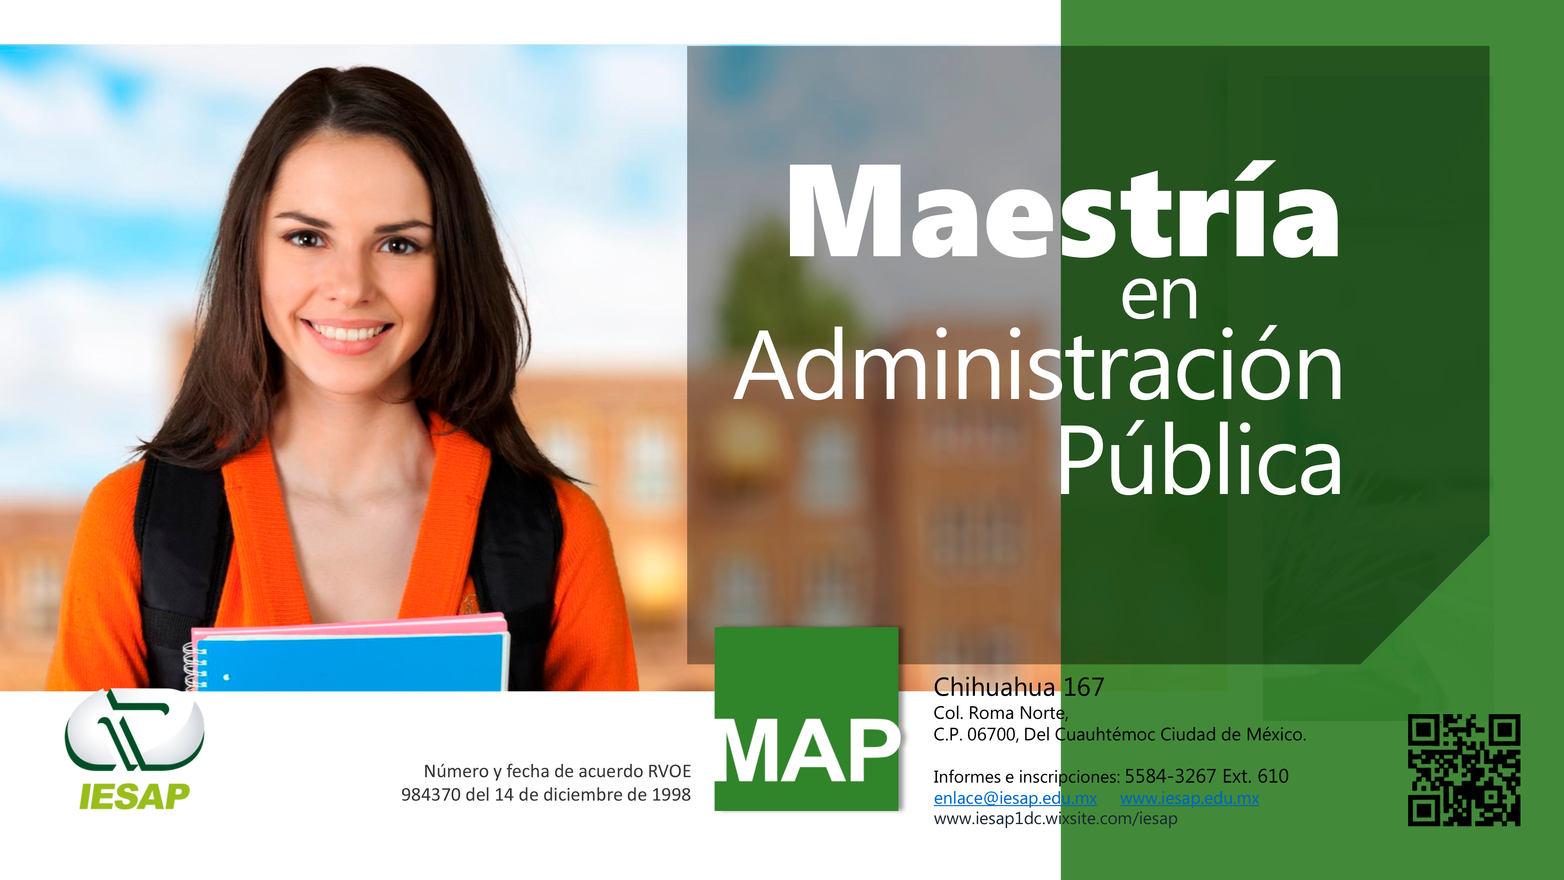 Maestría en Administración Pública